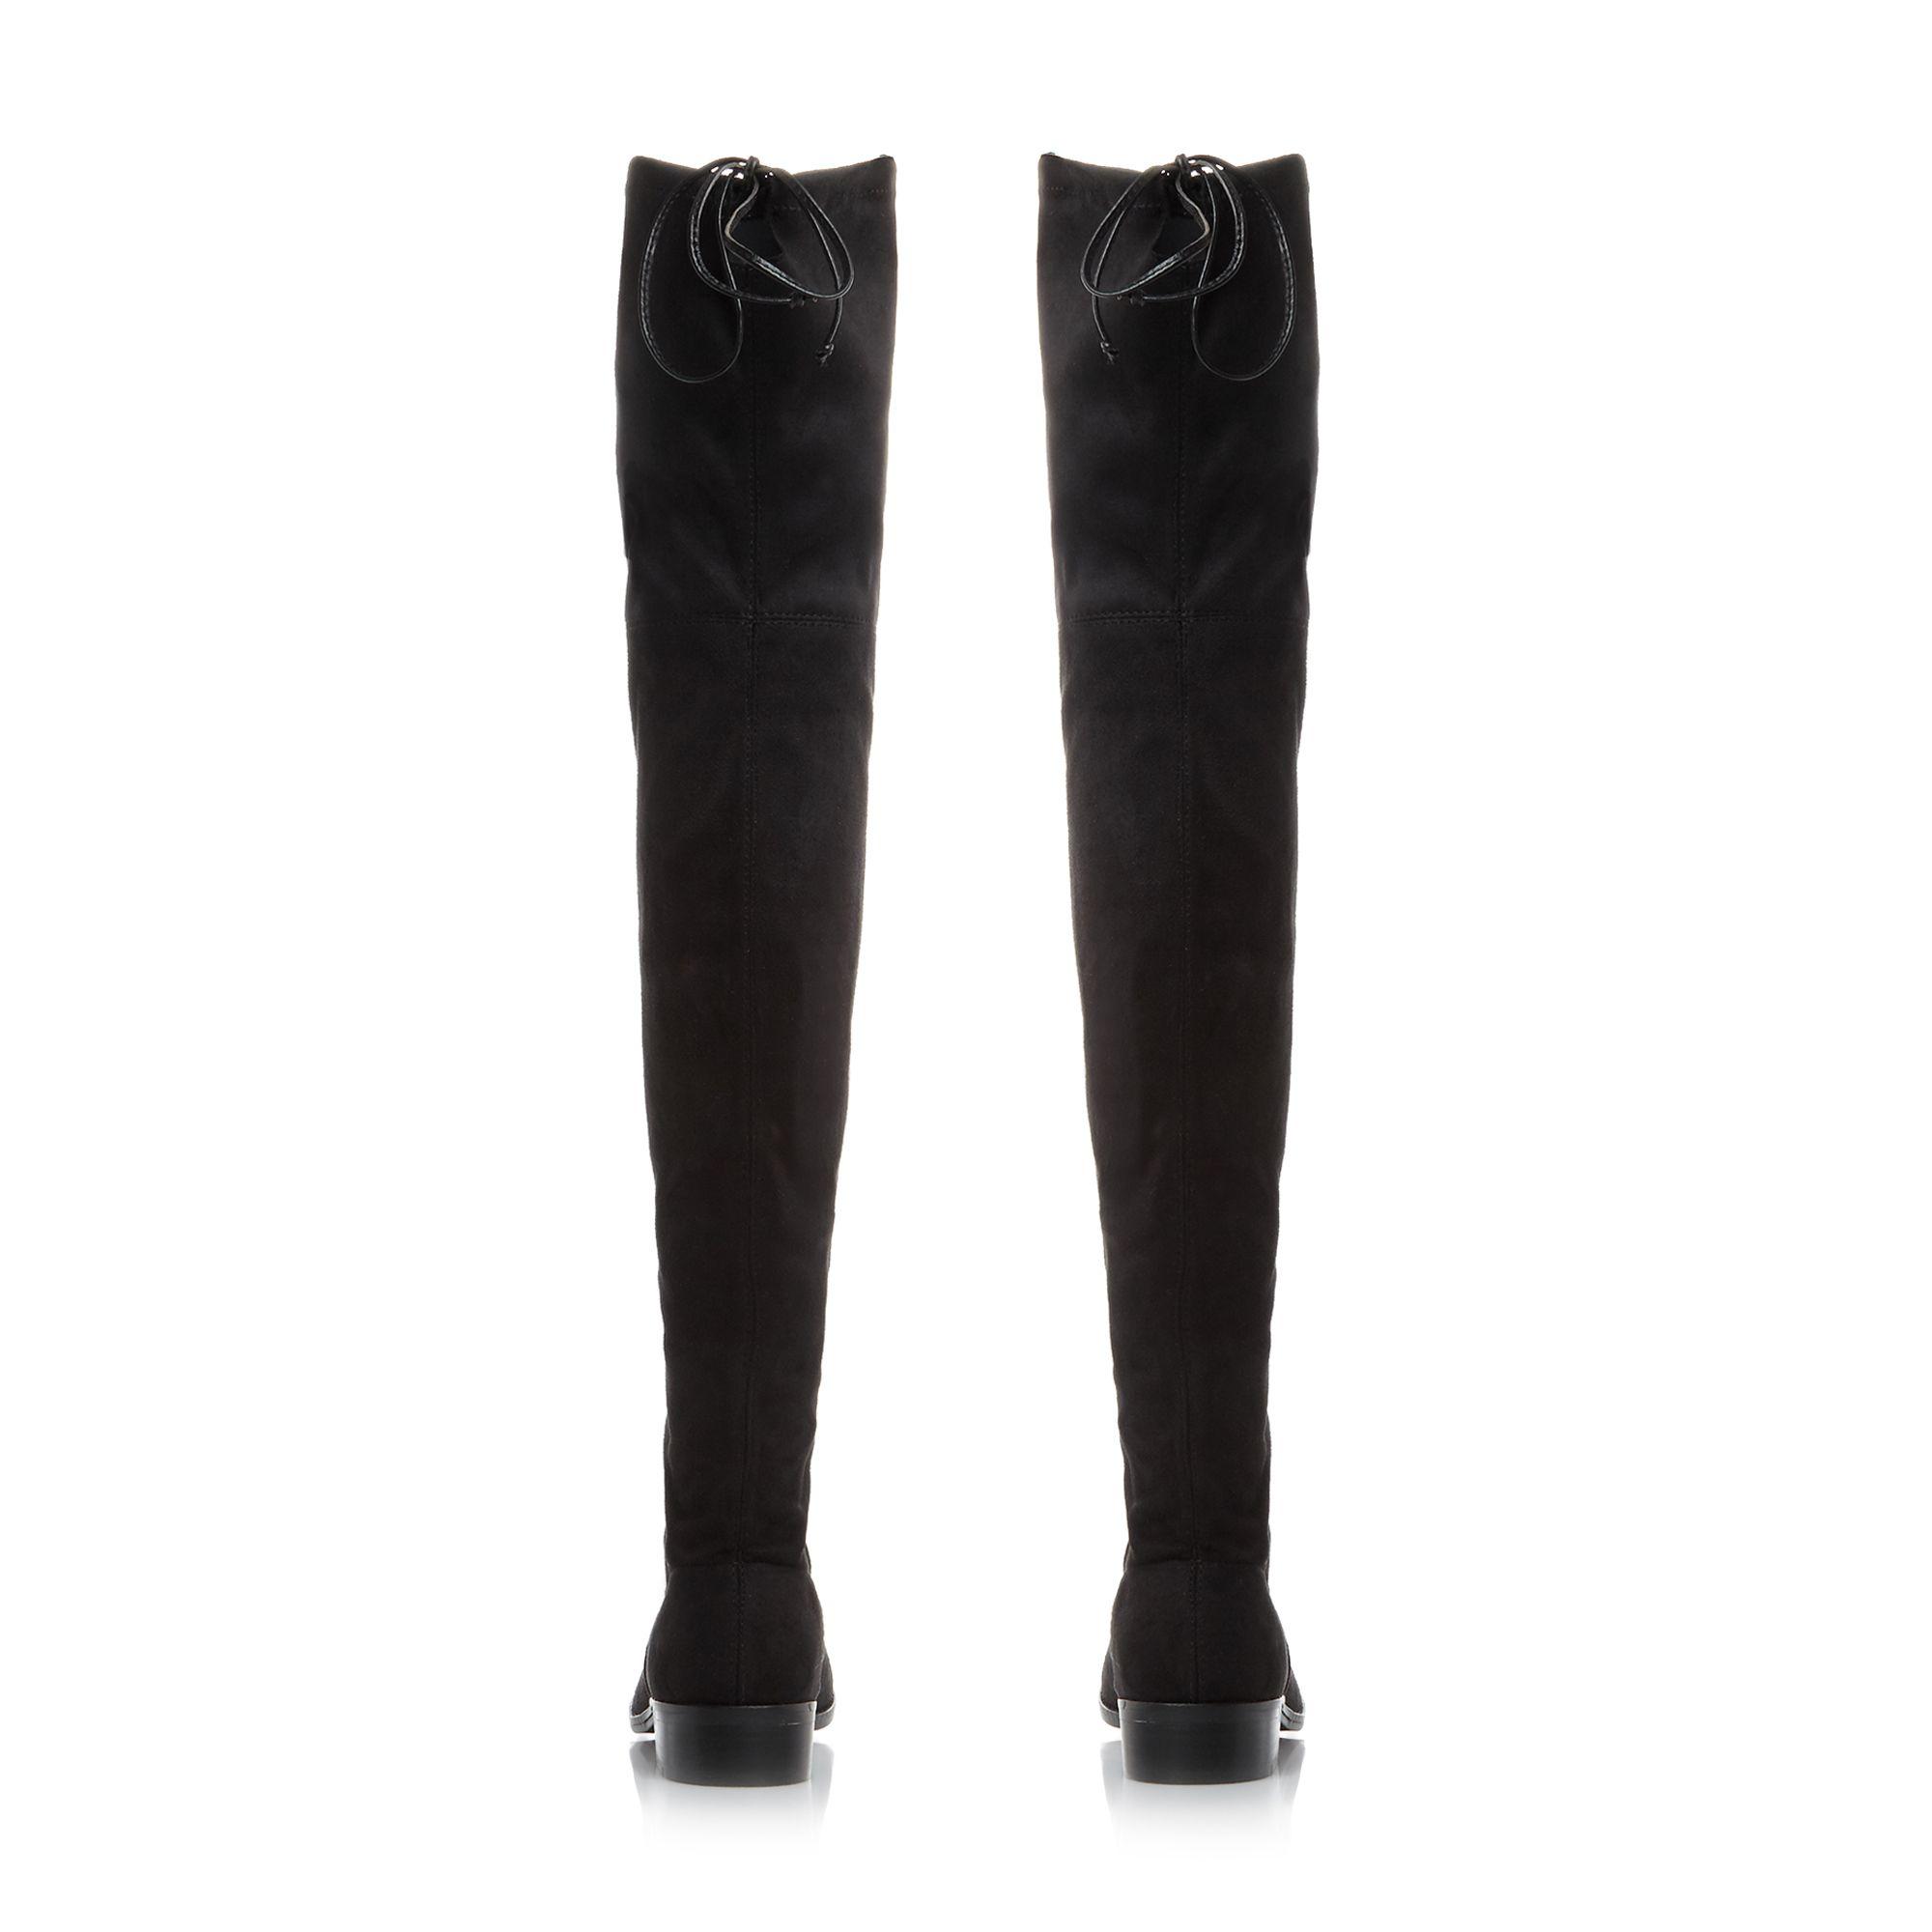 Steve Madden Odina Black Tie Flat Boots